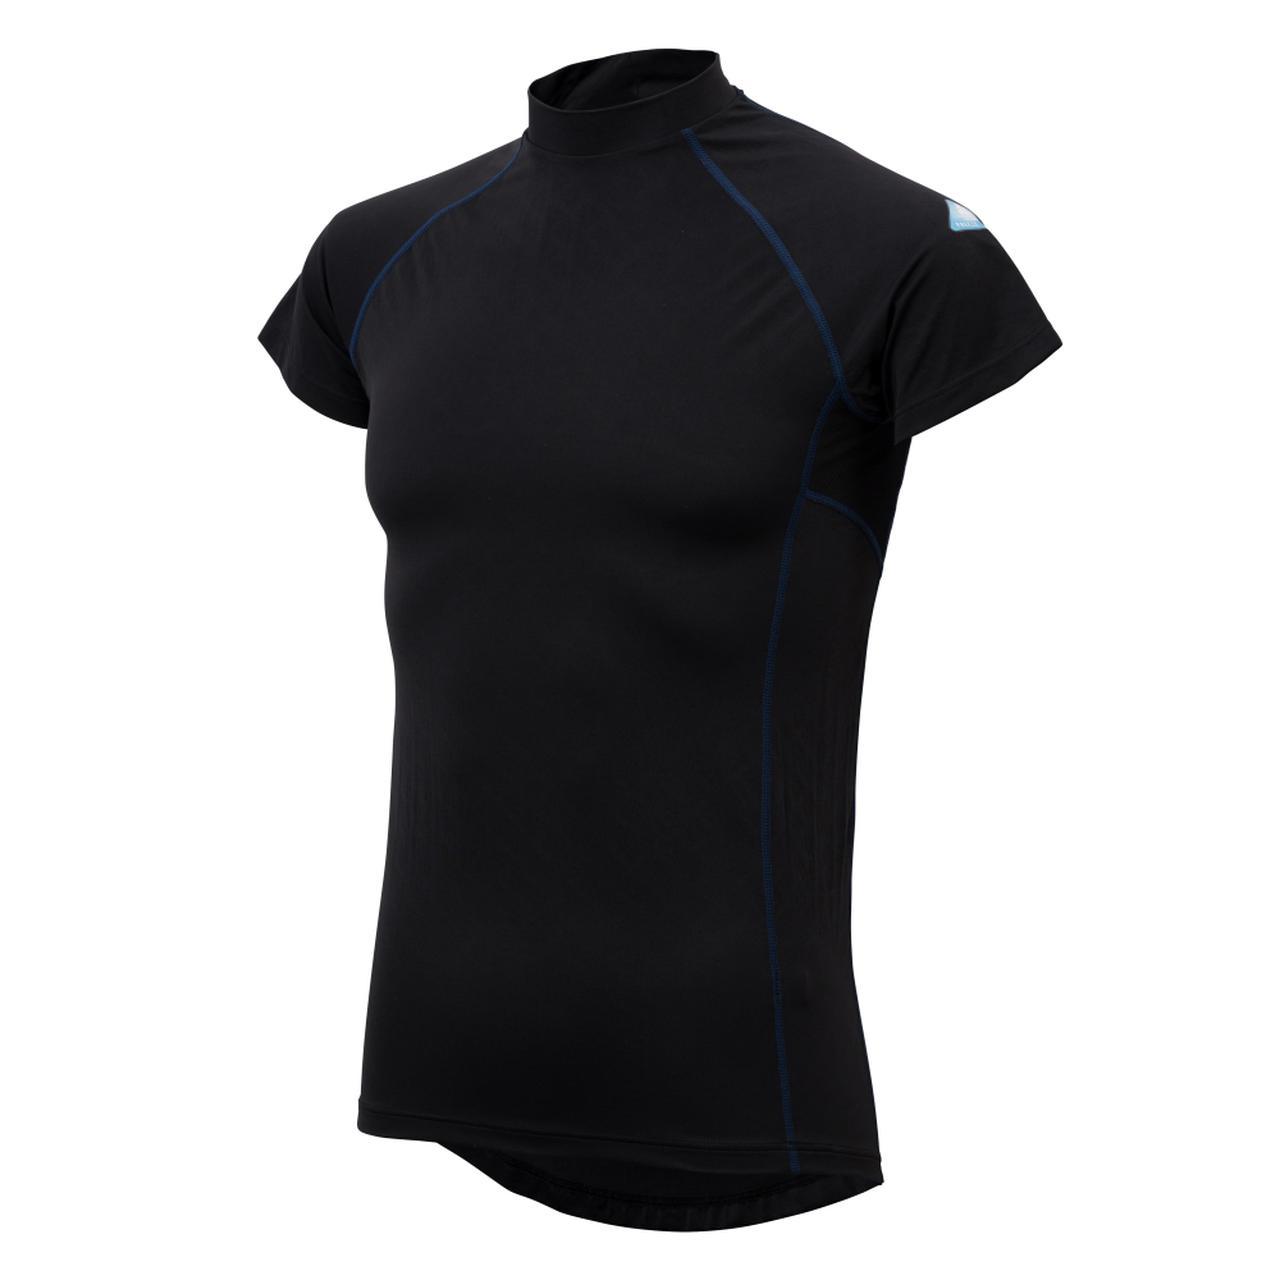 画像: 【使い勝手良し】 氷撃!インナーシャツ 半袖 ローネック ゴルフダイジェスト公式通販サイト「ゴルフポケット」